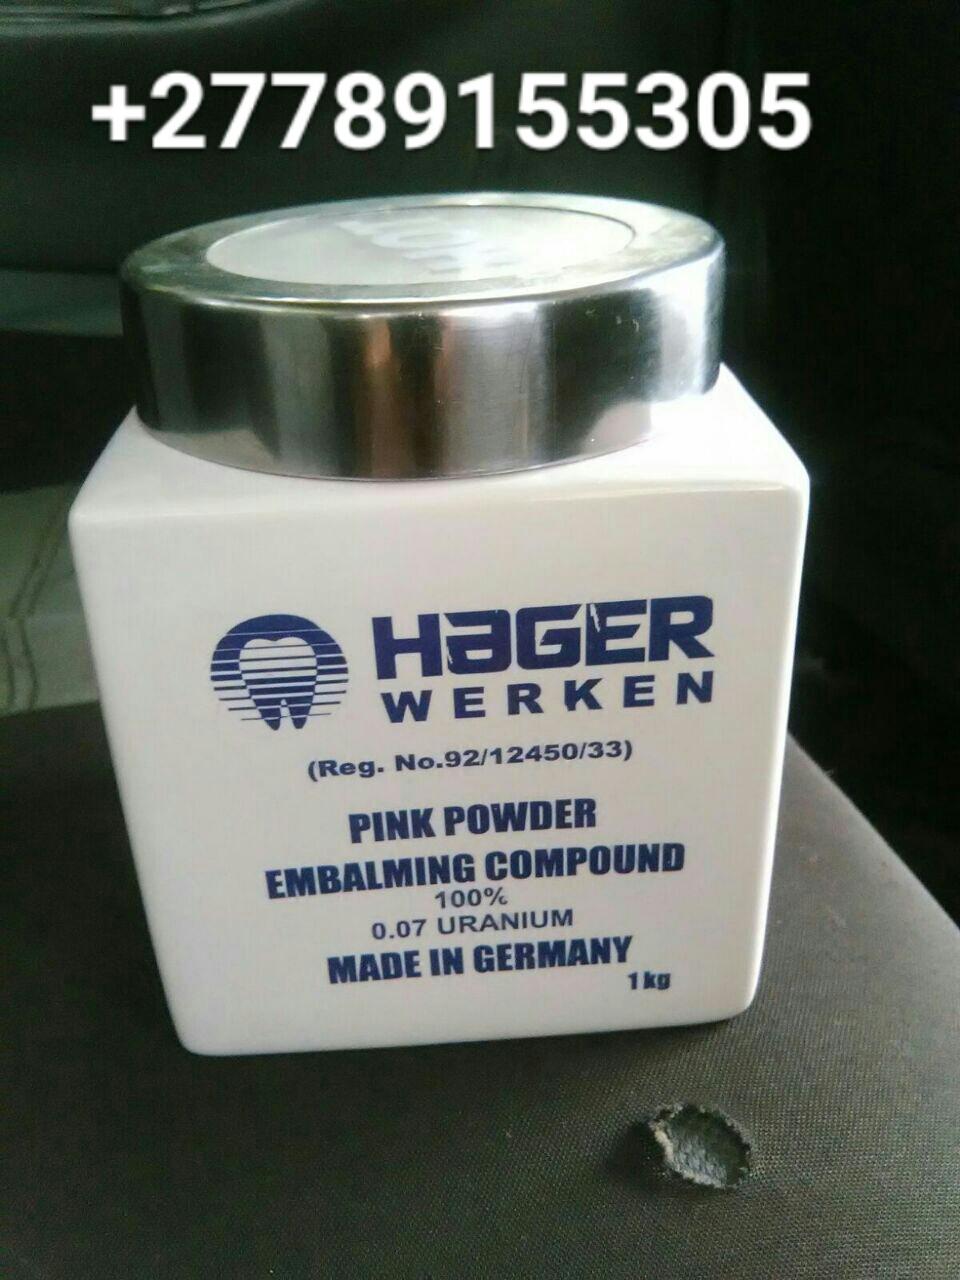 TOP BEST DEAL!!!!!HAGER WERKEN {+27789155305} EXLENT EMBALMING POWDER FOR SALE IN SA, JOUZ PTA KZN